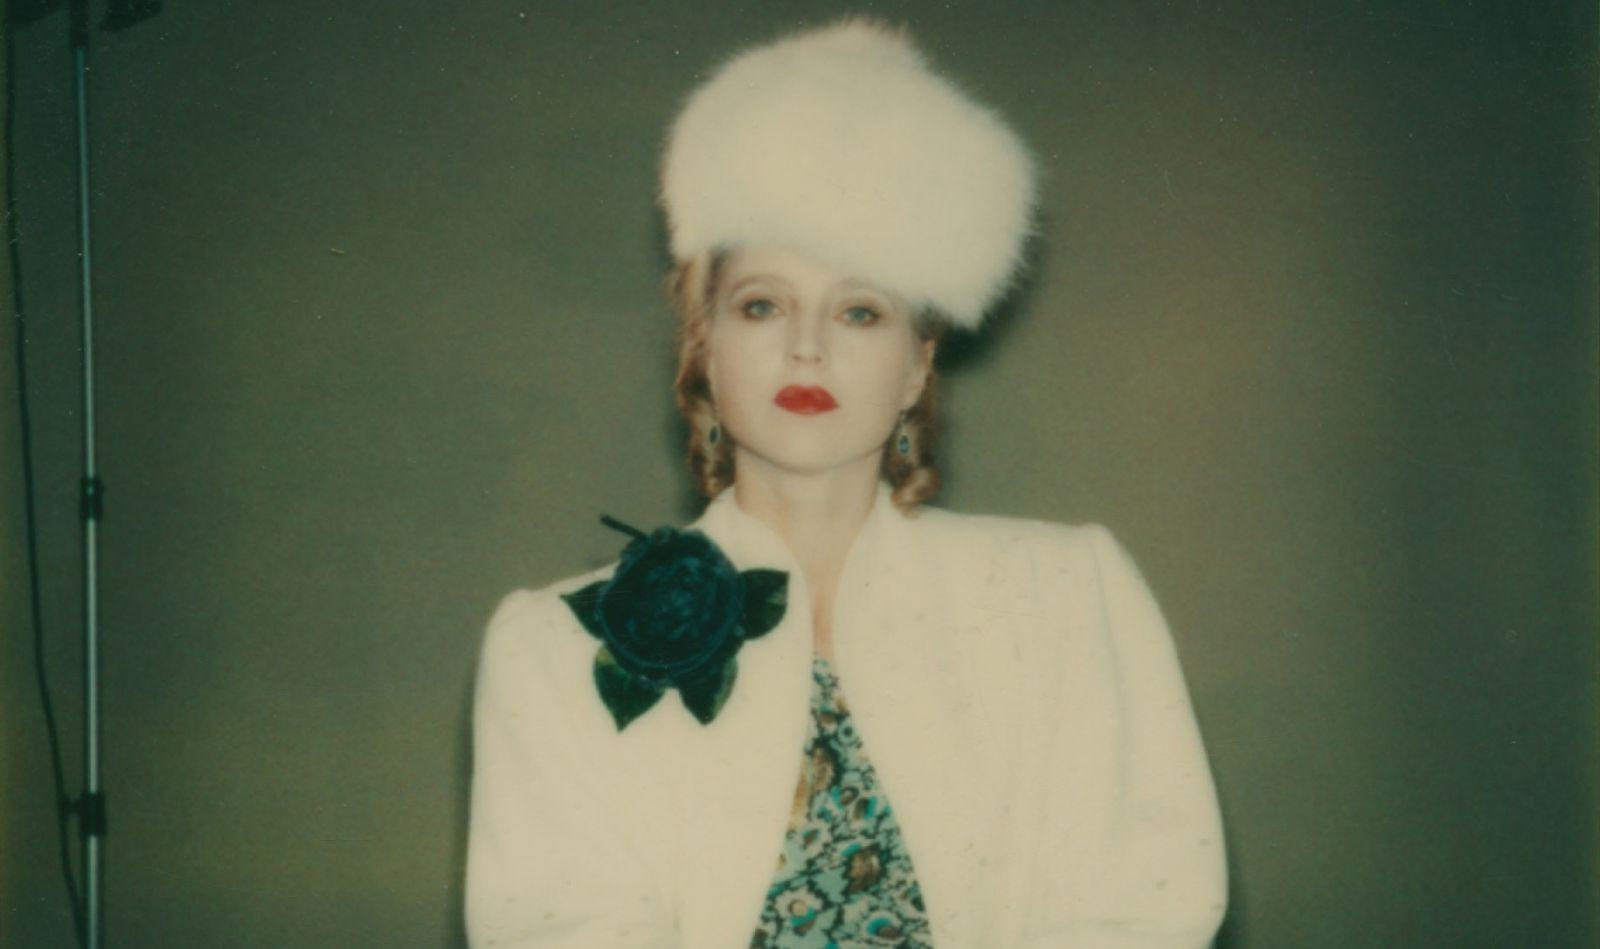 Die Schauspielerin auf einem Polaroid, direkt in die Kamera guckend